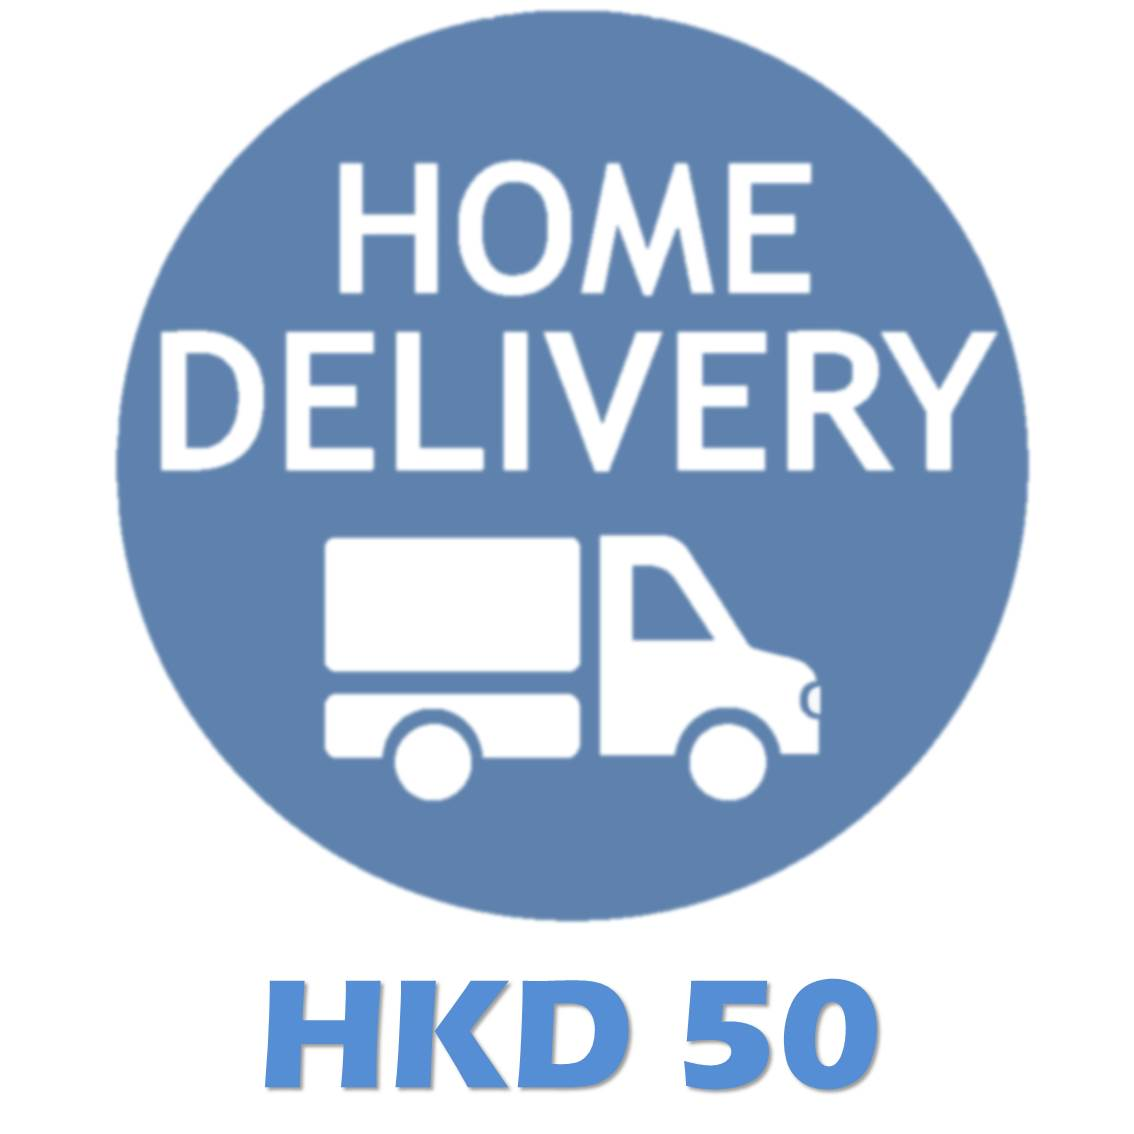 家居送貨補運費 -HKD50